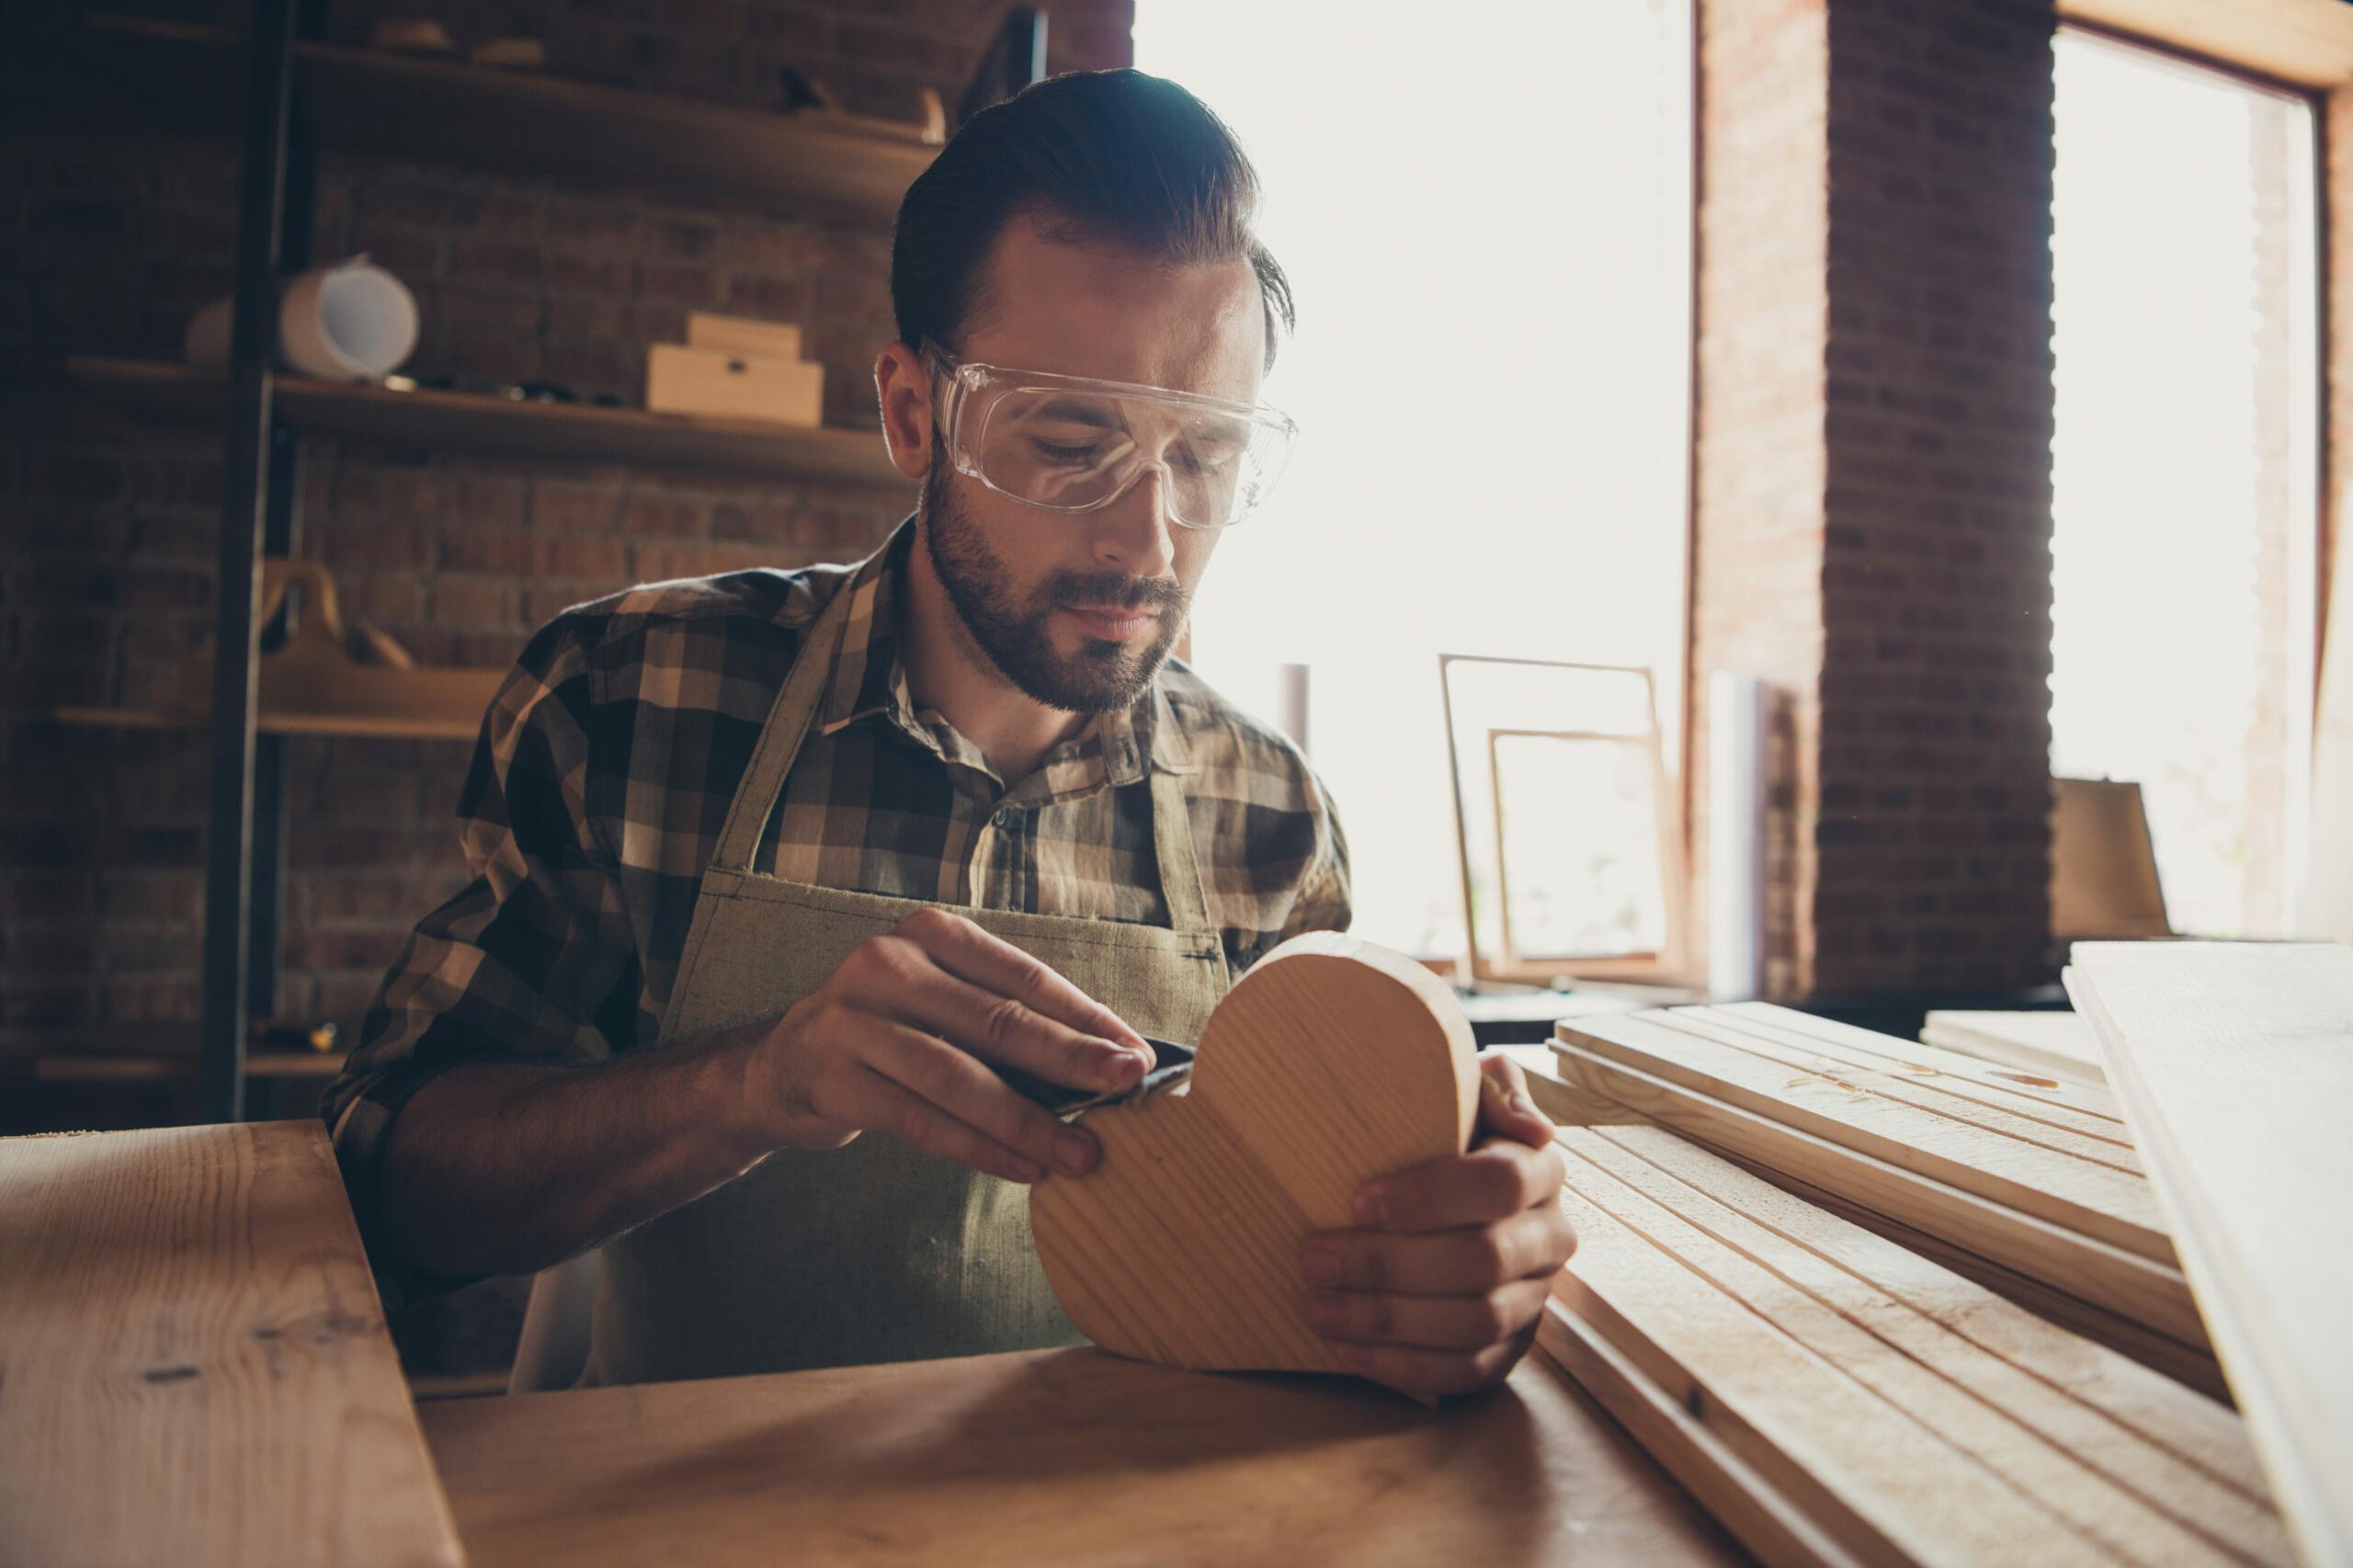 Herz in Form: Mann mit Bart arbeitet konzentriert an einem Holzherz